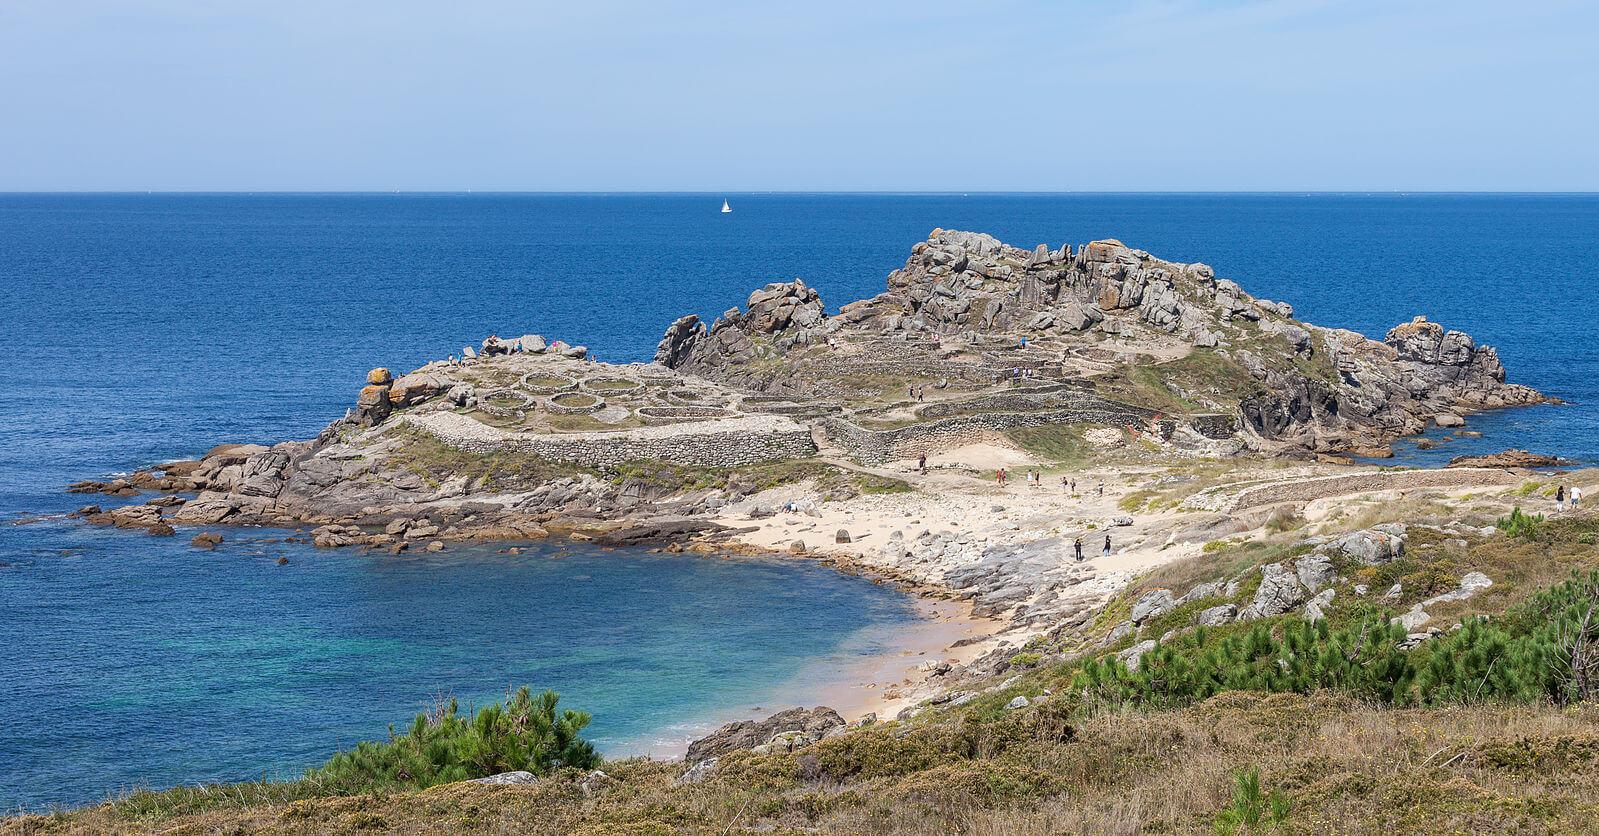 Castro de Baroña en Porto do Son (A Coruña). Los castros eran poblados fortificados construidos en lugares elevados y estratégicos.